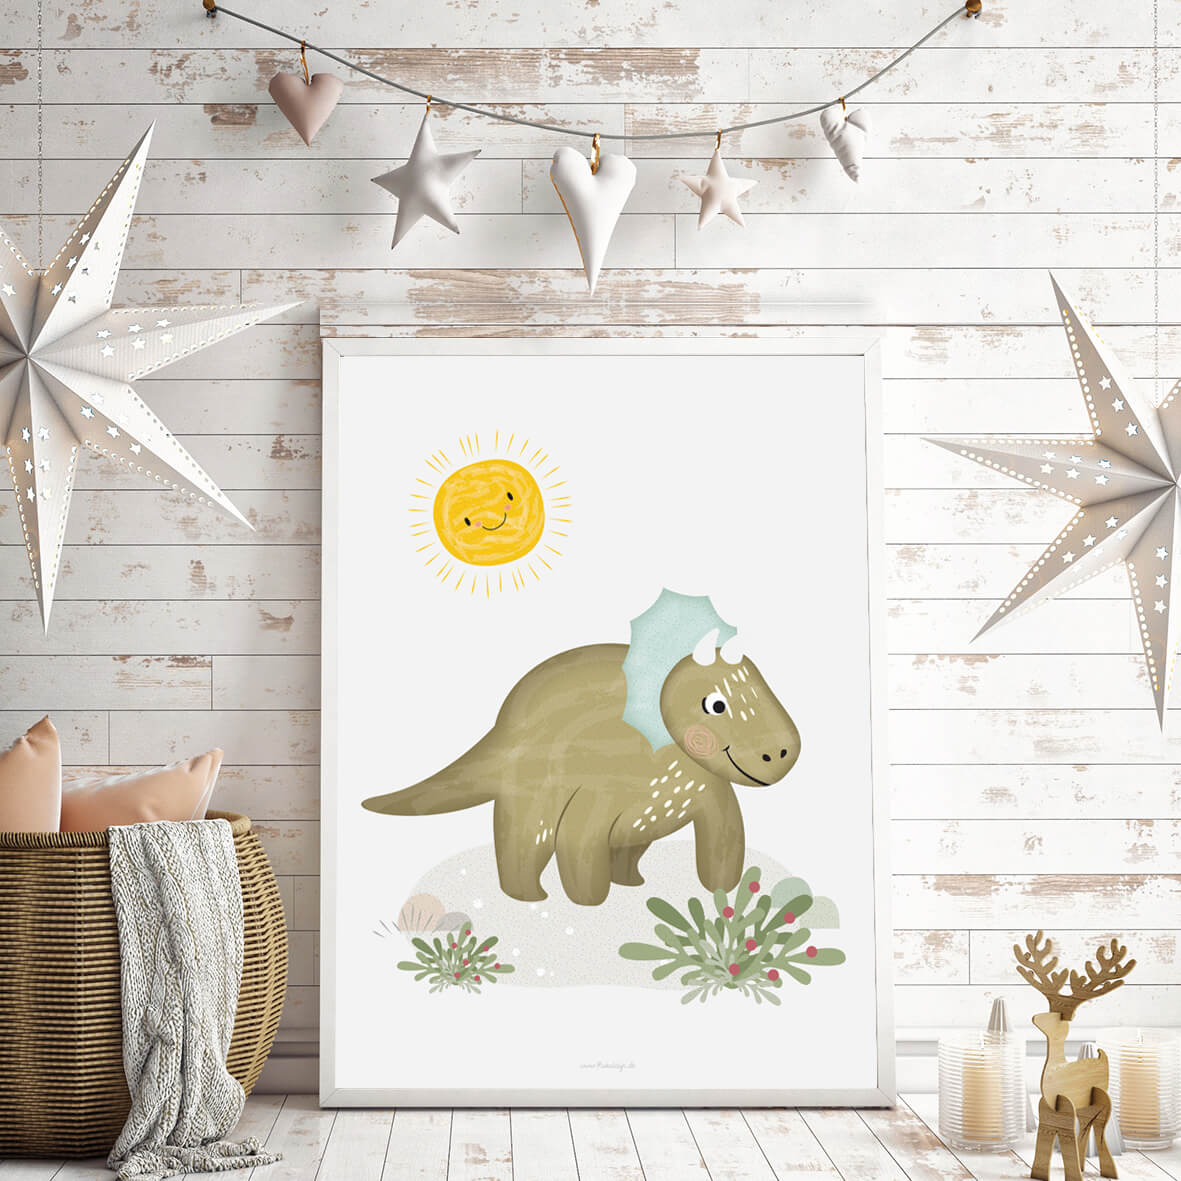 billig-dinosaur-plakat-2